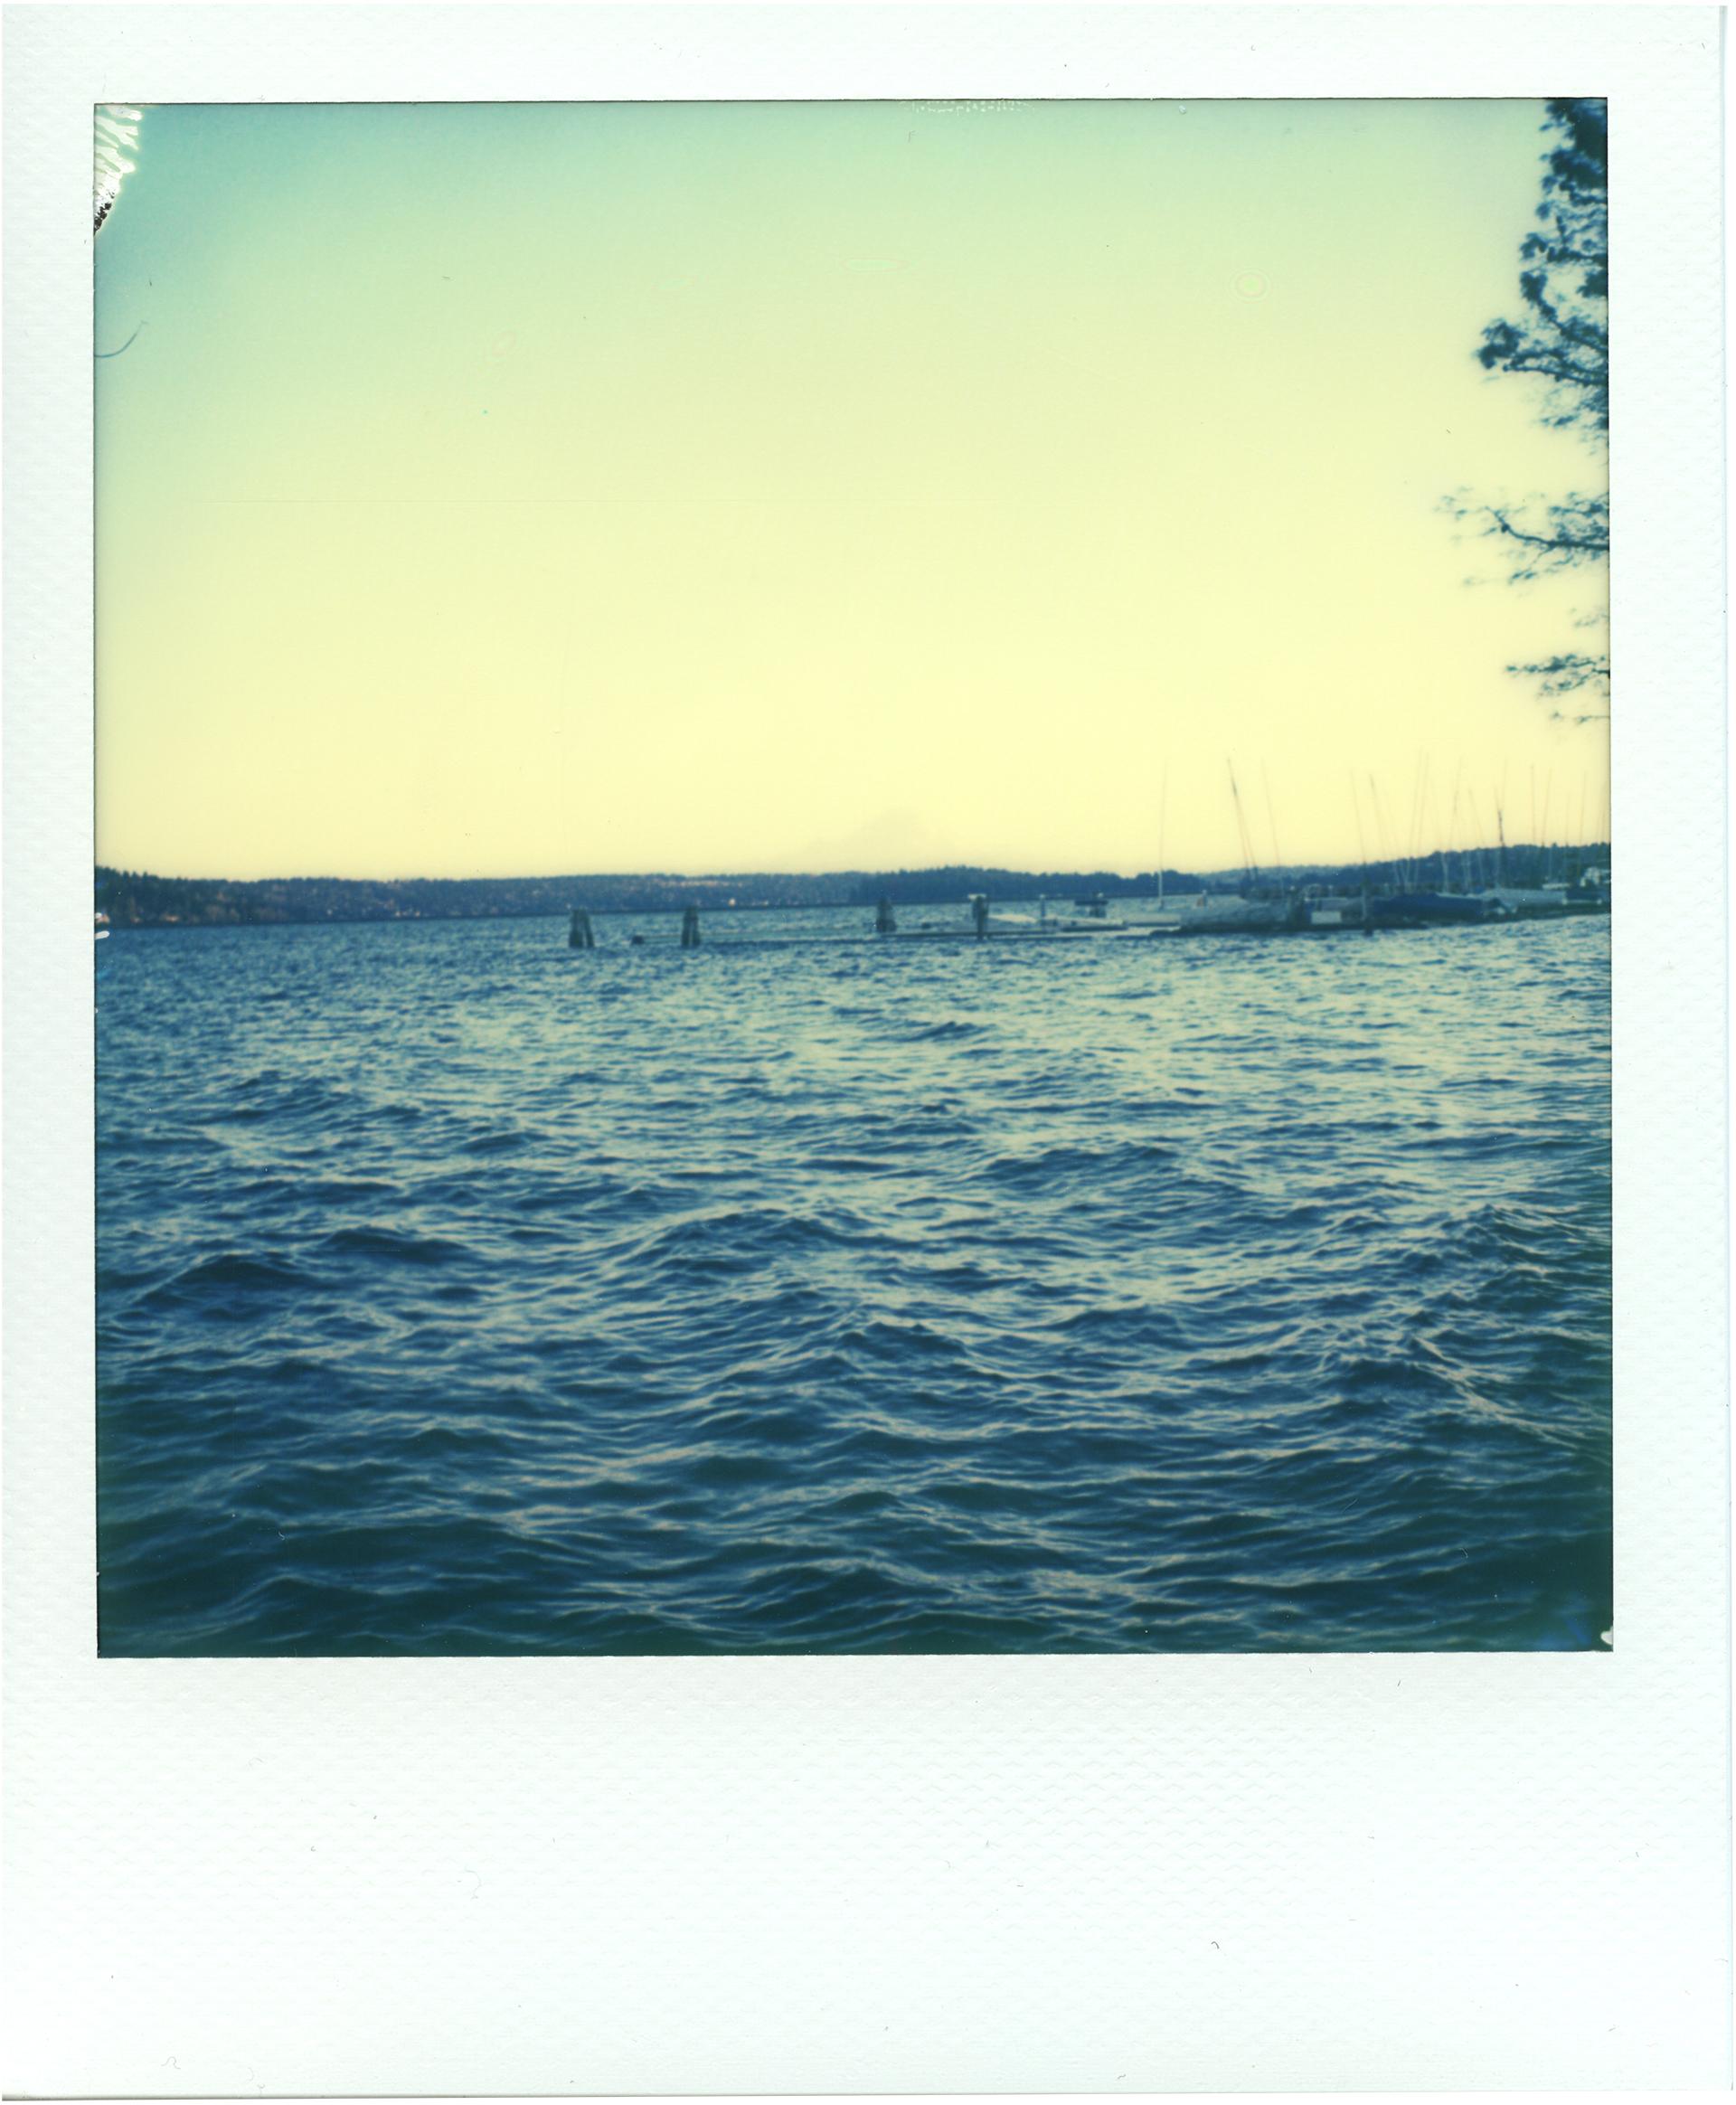 LakeWashington1.jpg